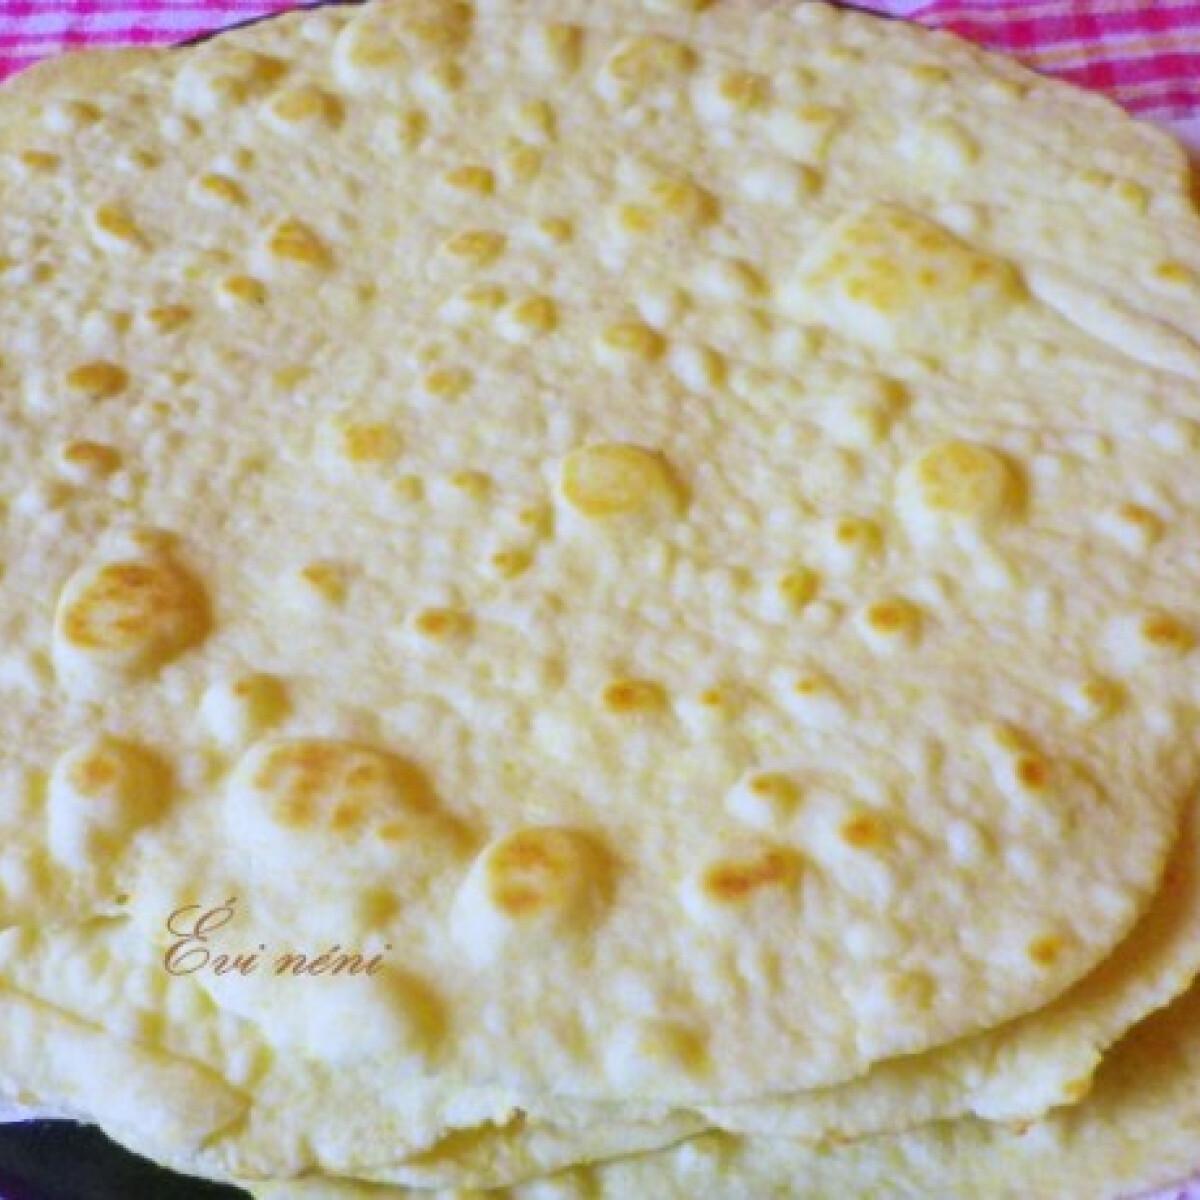 Ezen a képen: Tortilla lap Évi nénitől